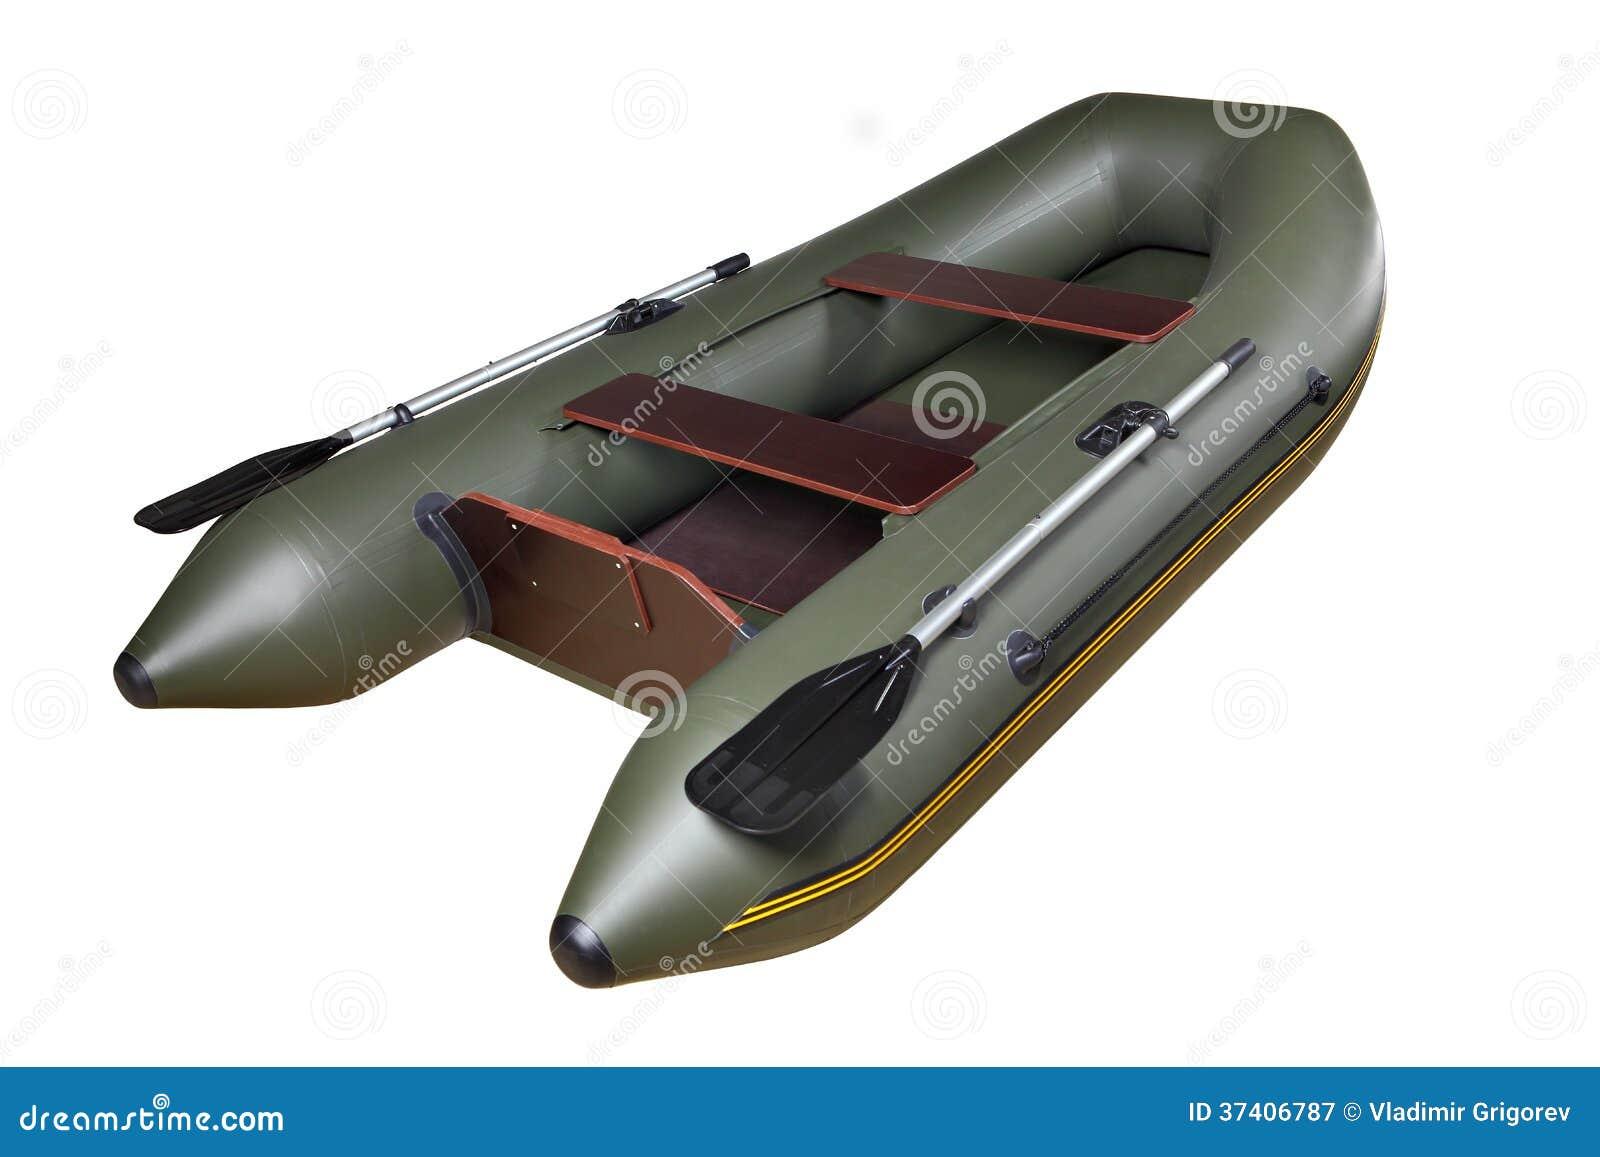 Barco de borracha inflável feito de PVC, verde, dobro, com remos.